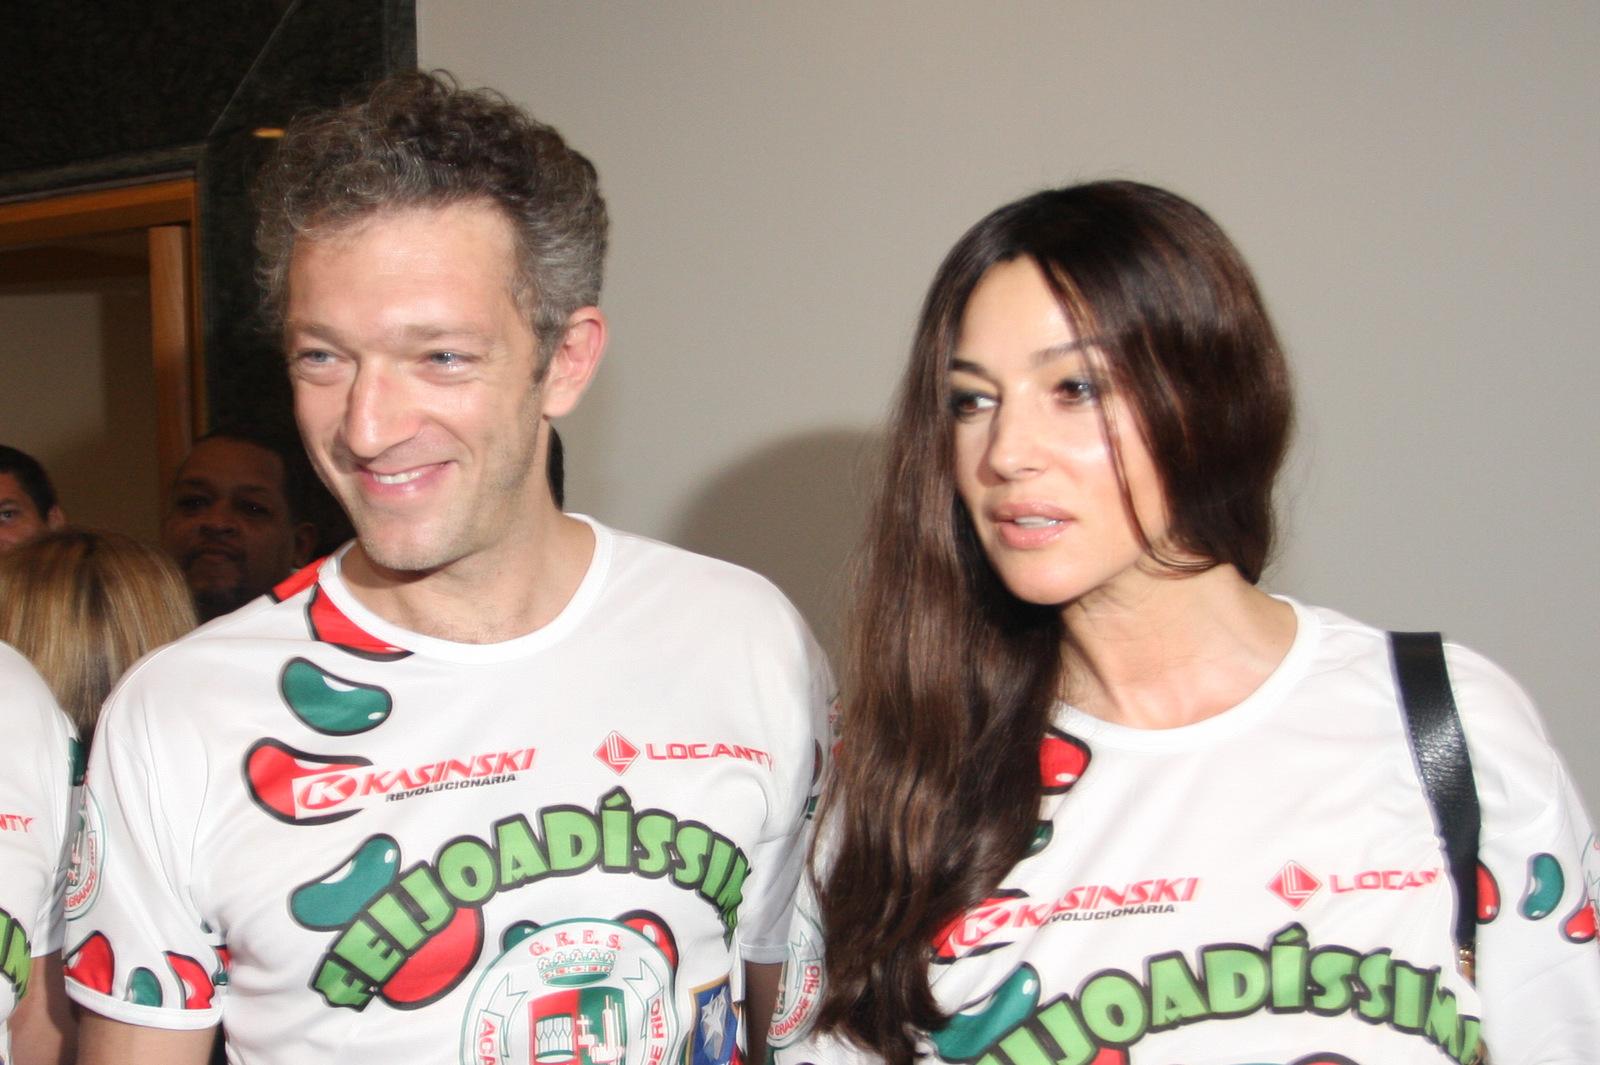 Monica Belucci e o marido, Vincent Cassel na feijoada da Grande Rio, neste domingo, 21, em um hotel na Zona Sul do Rio